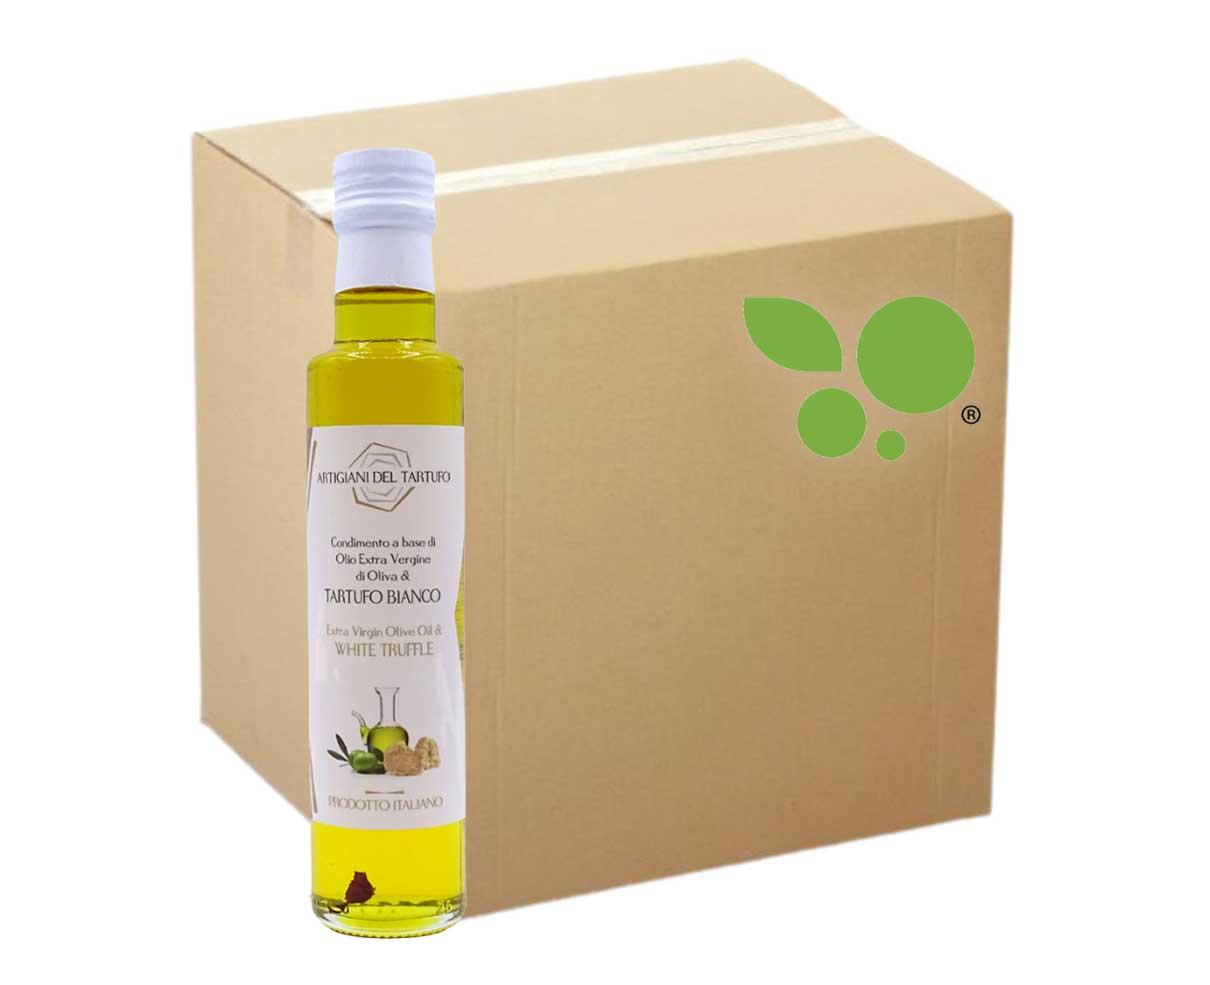 12 bottiglie di Condimento a base di olio evo e tartufo bianco 250ml